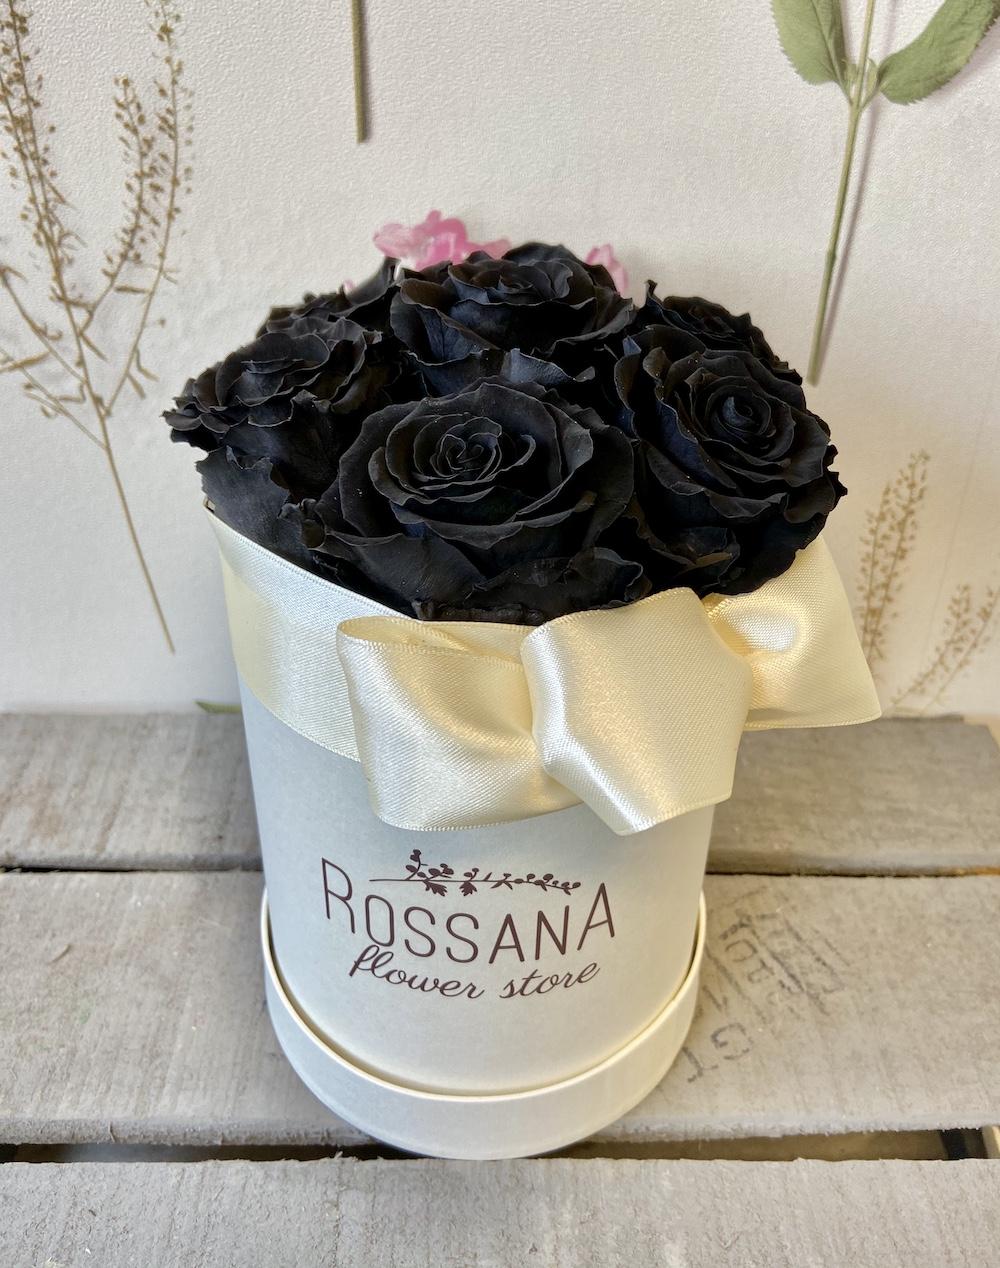 flower box rose stabilizzate nere florashopping Rossana flower store NovellinoIMG_0305